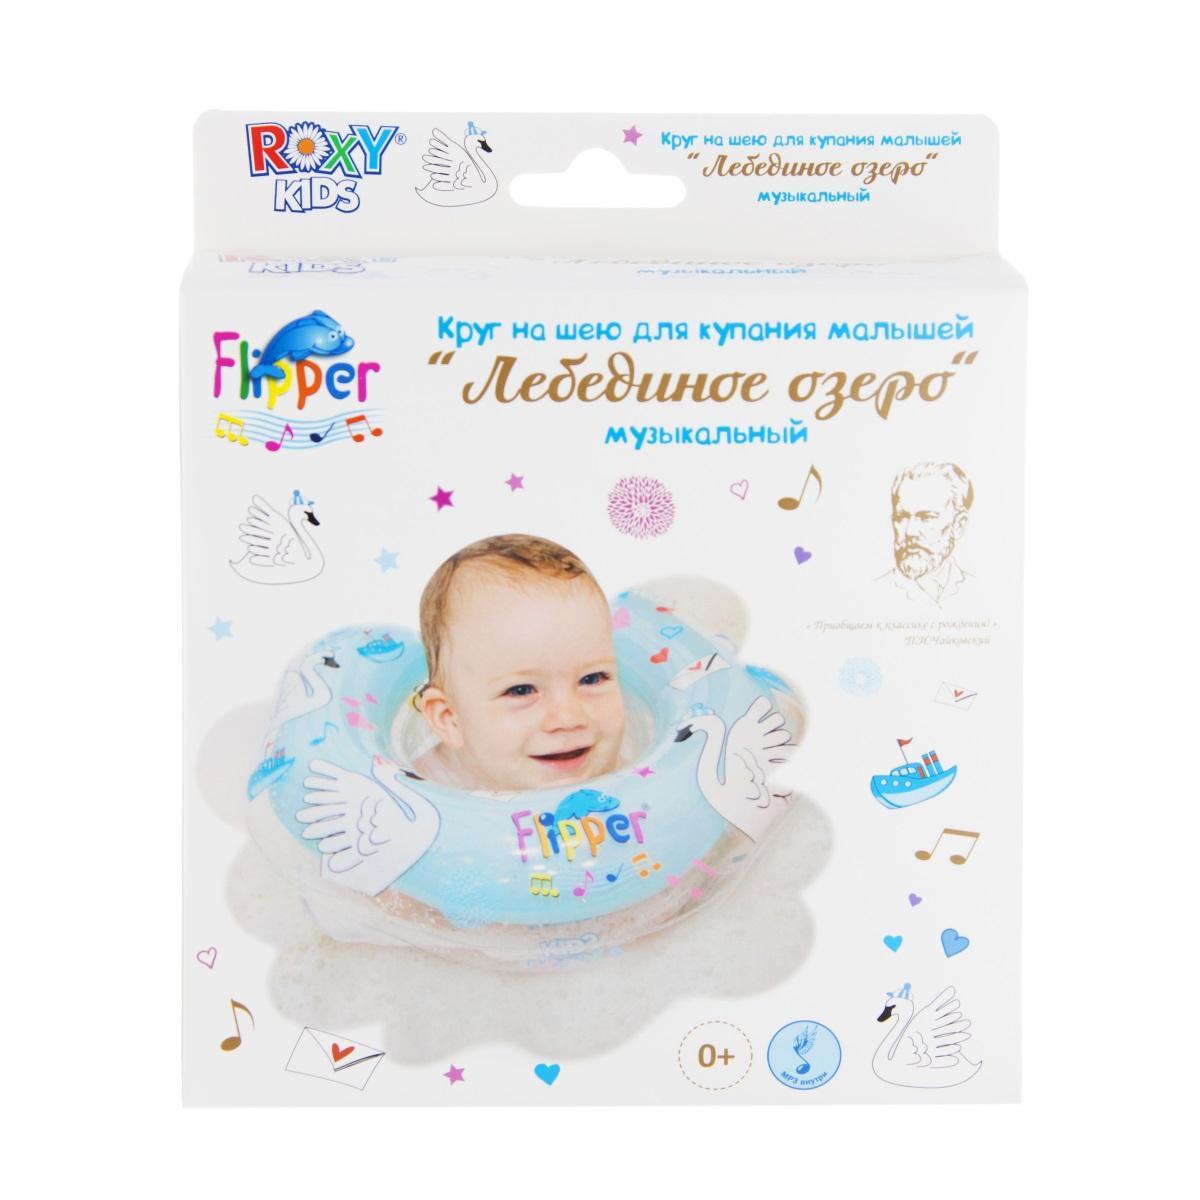 Купить Круг для купания малышей Flipper (Флиппер) Лебединое озеро , цвет голубой, Roxy-kids